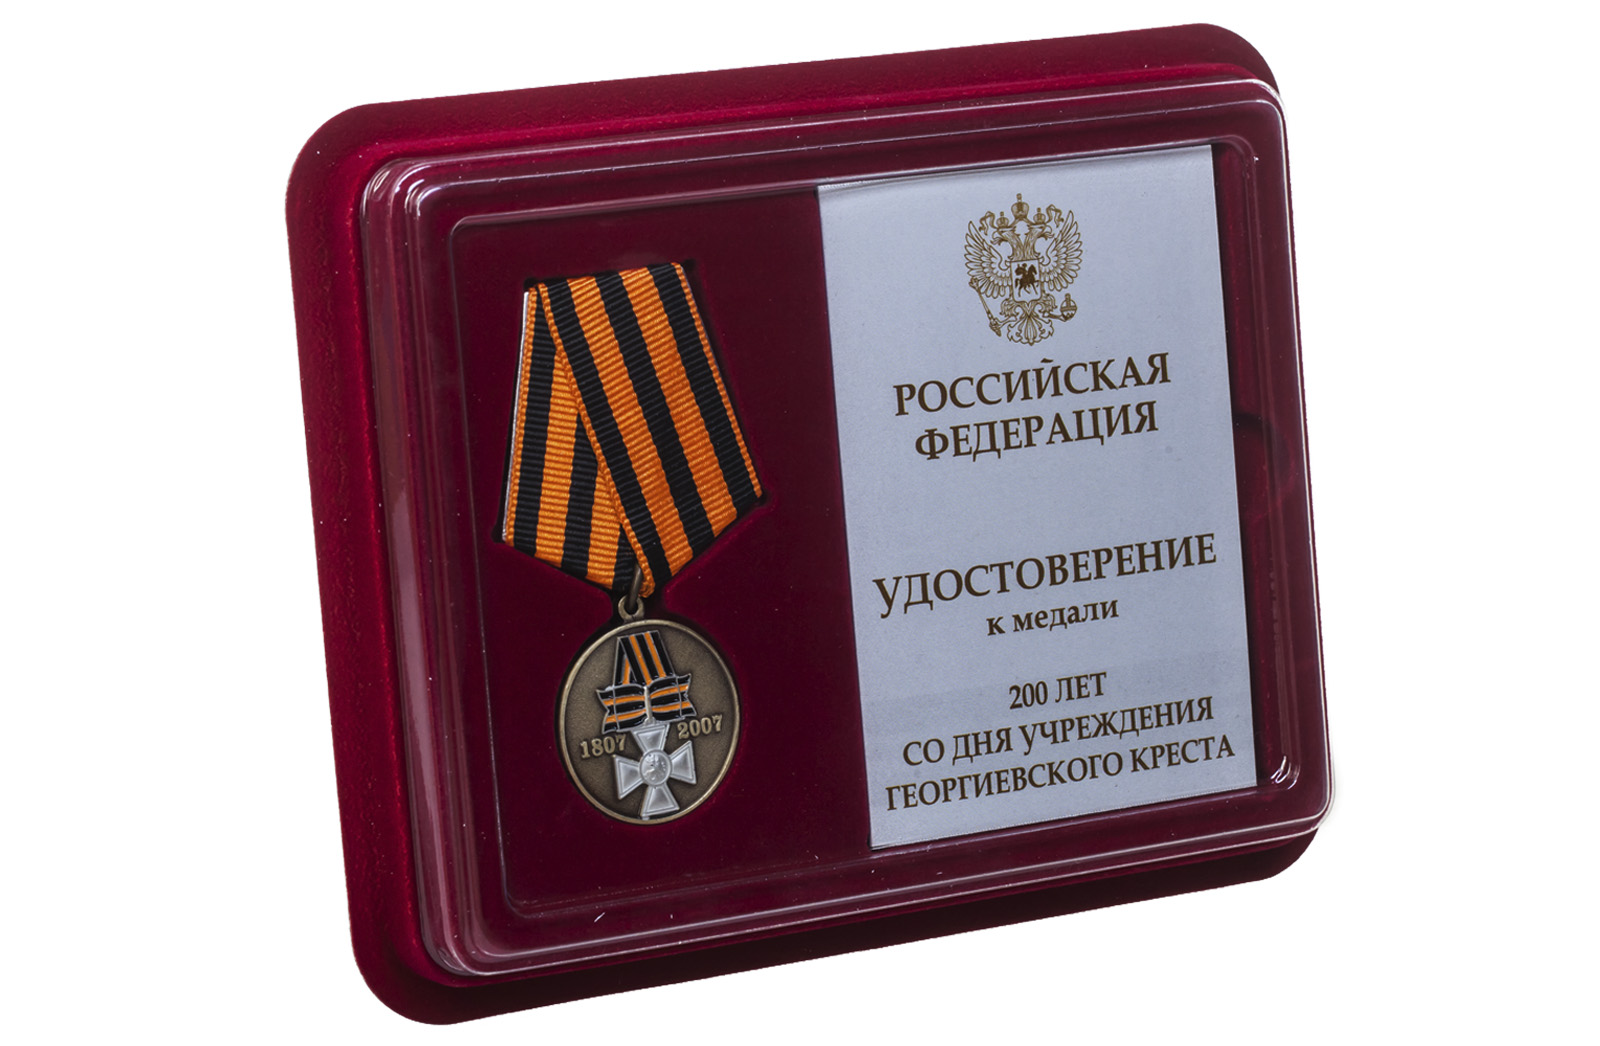 Купить юбилейная медаль 200 лет Георгиевскому кресту оптом или в розницу